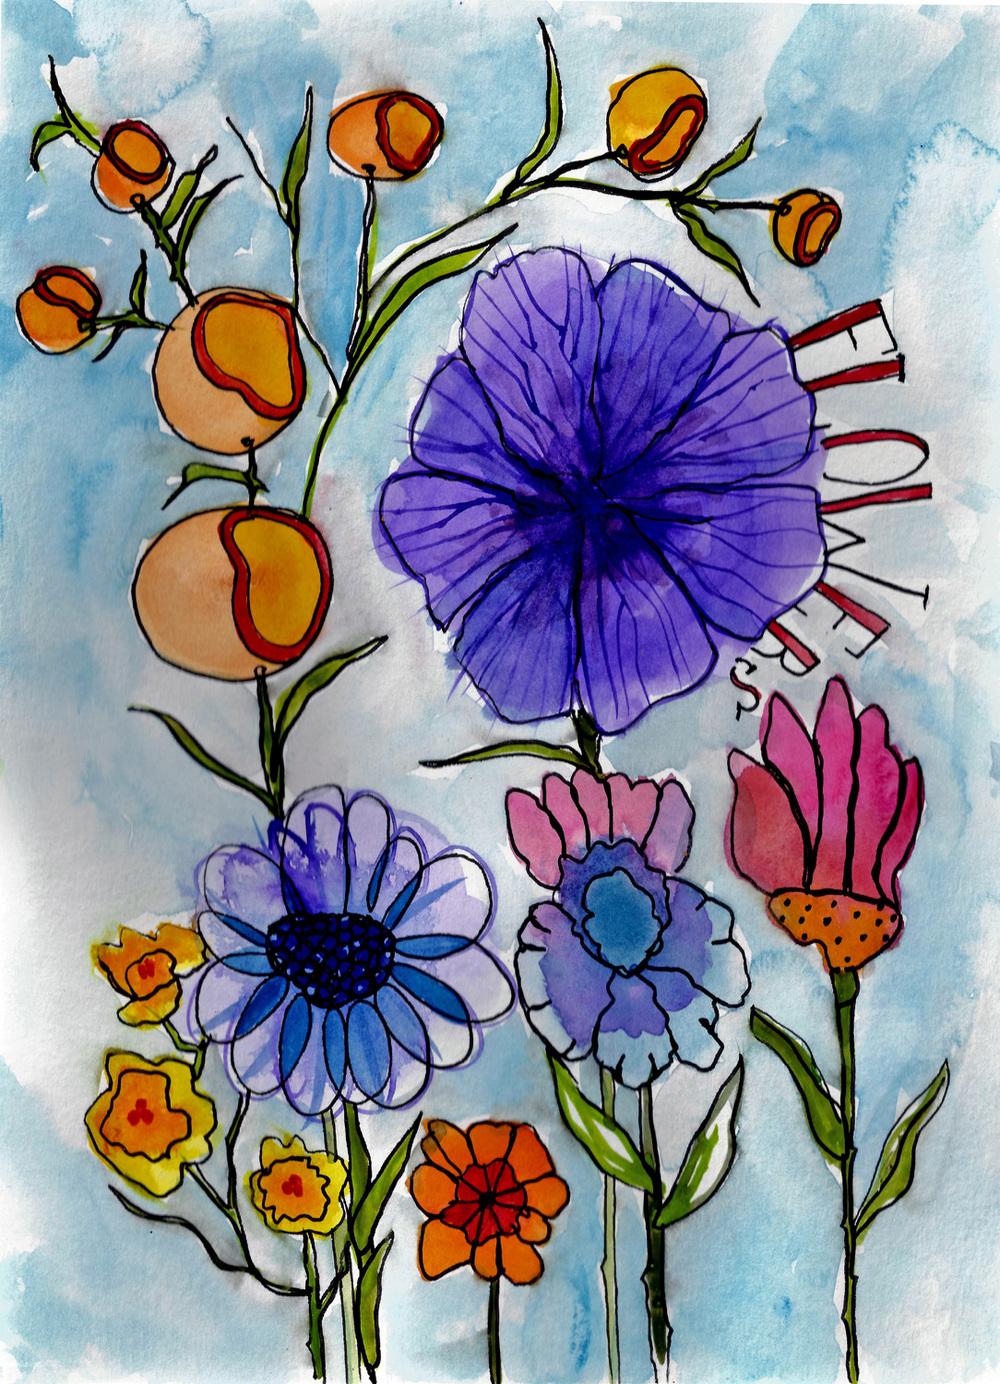 flowers watercolor.jpg